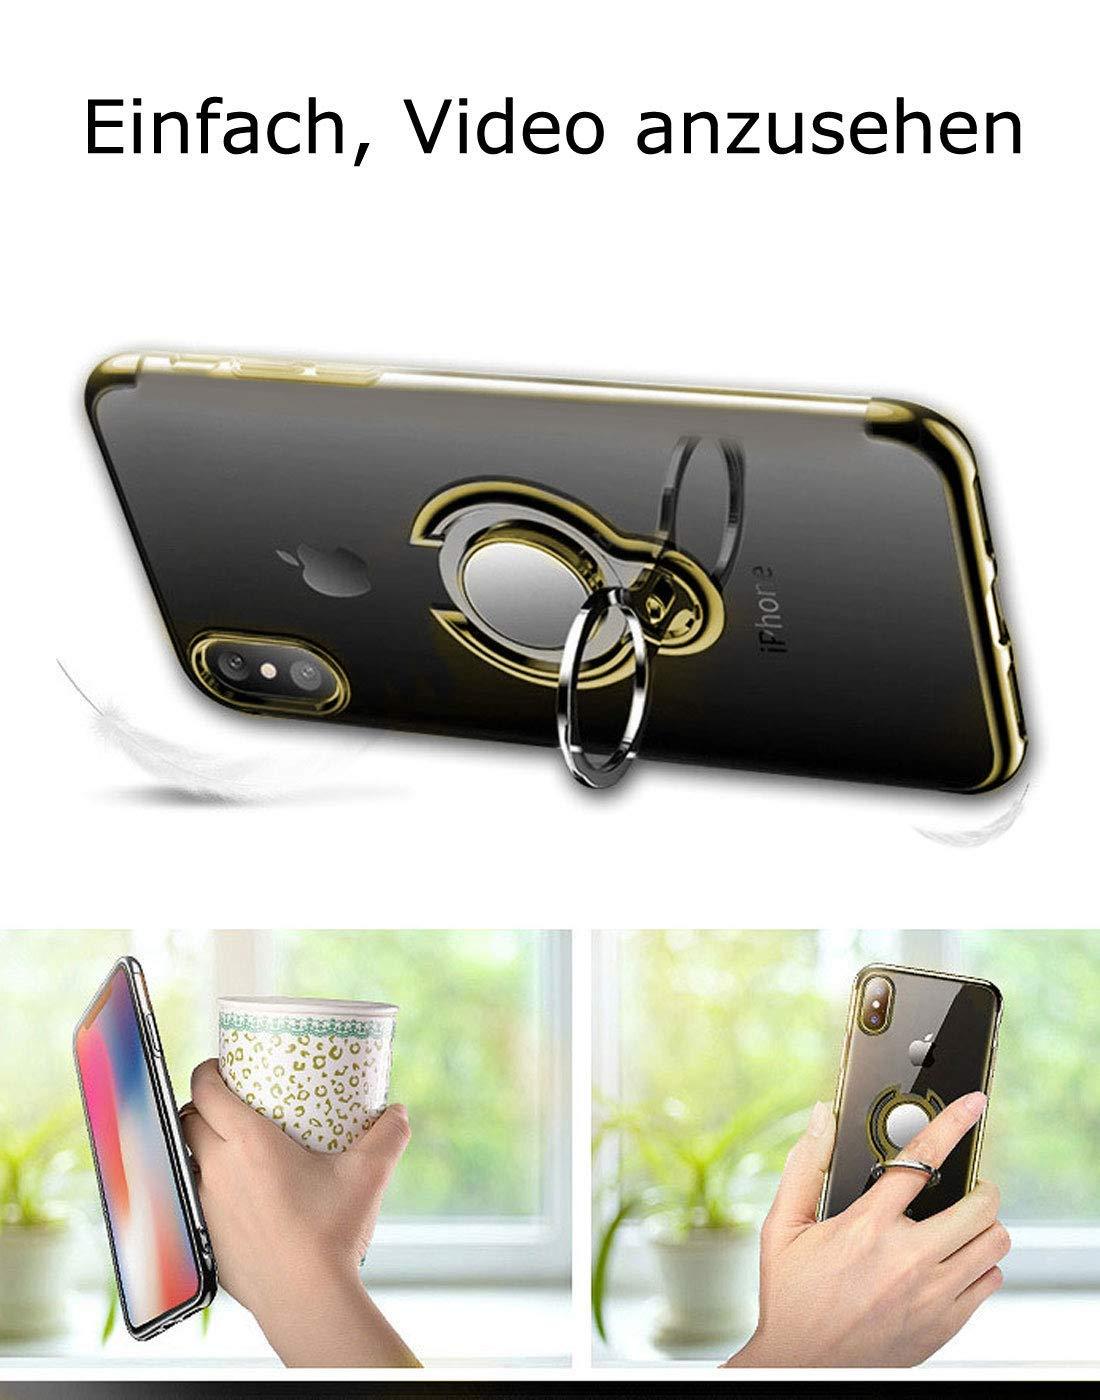 Caler H/ülle Kompatible Samsung Galaxy A50 Handyh/ülle Soft Silikon H/ülle Ultra D/ünn TPU Bumper Case 360 Grad Ring Stand Magnetische KFZ-Halterung Autohalterung Schutzh/ülle f/ür Transparent